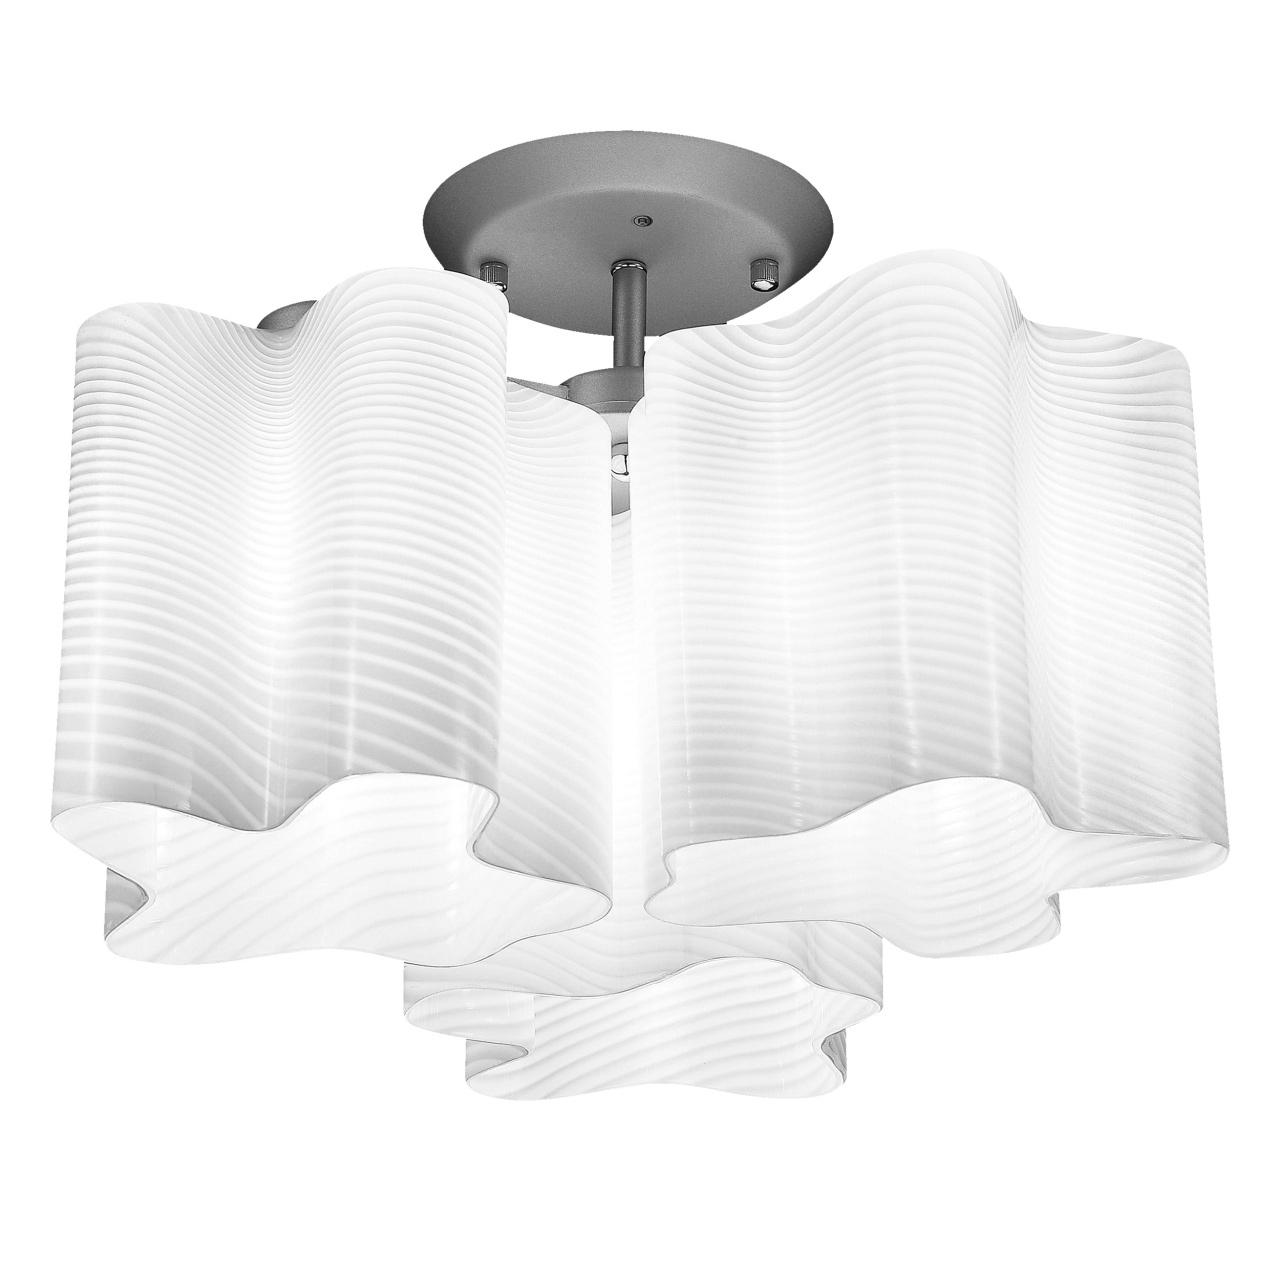 Люстра потолочная Nubi Ondoso 3х40W E27 хром / белый полосатый Lightstar 802031